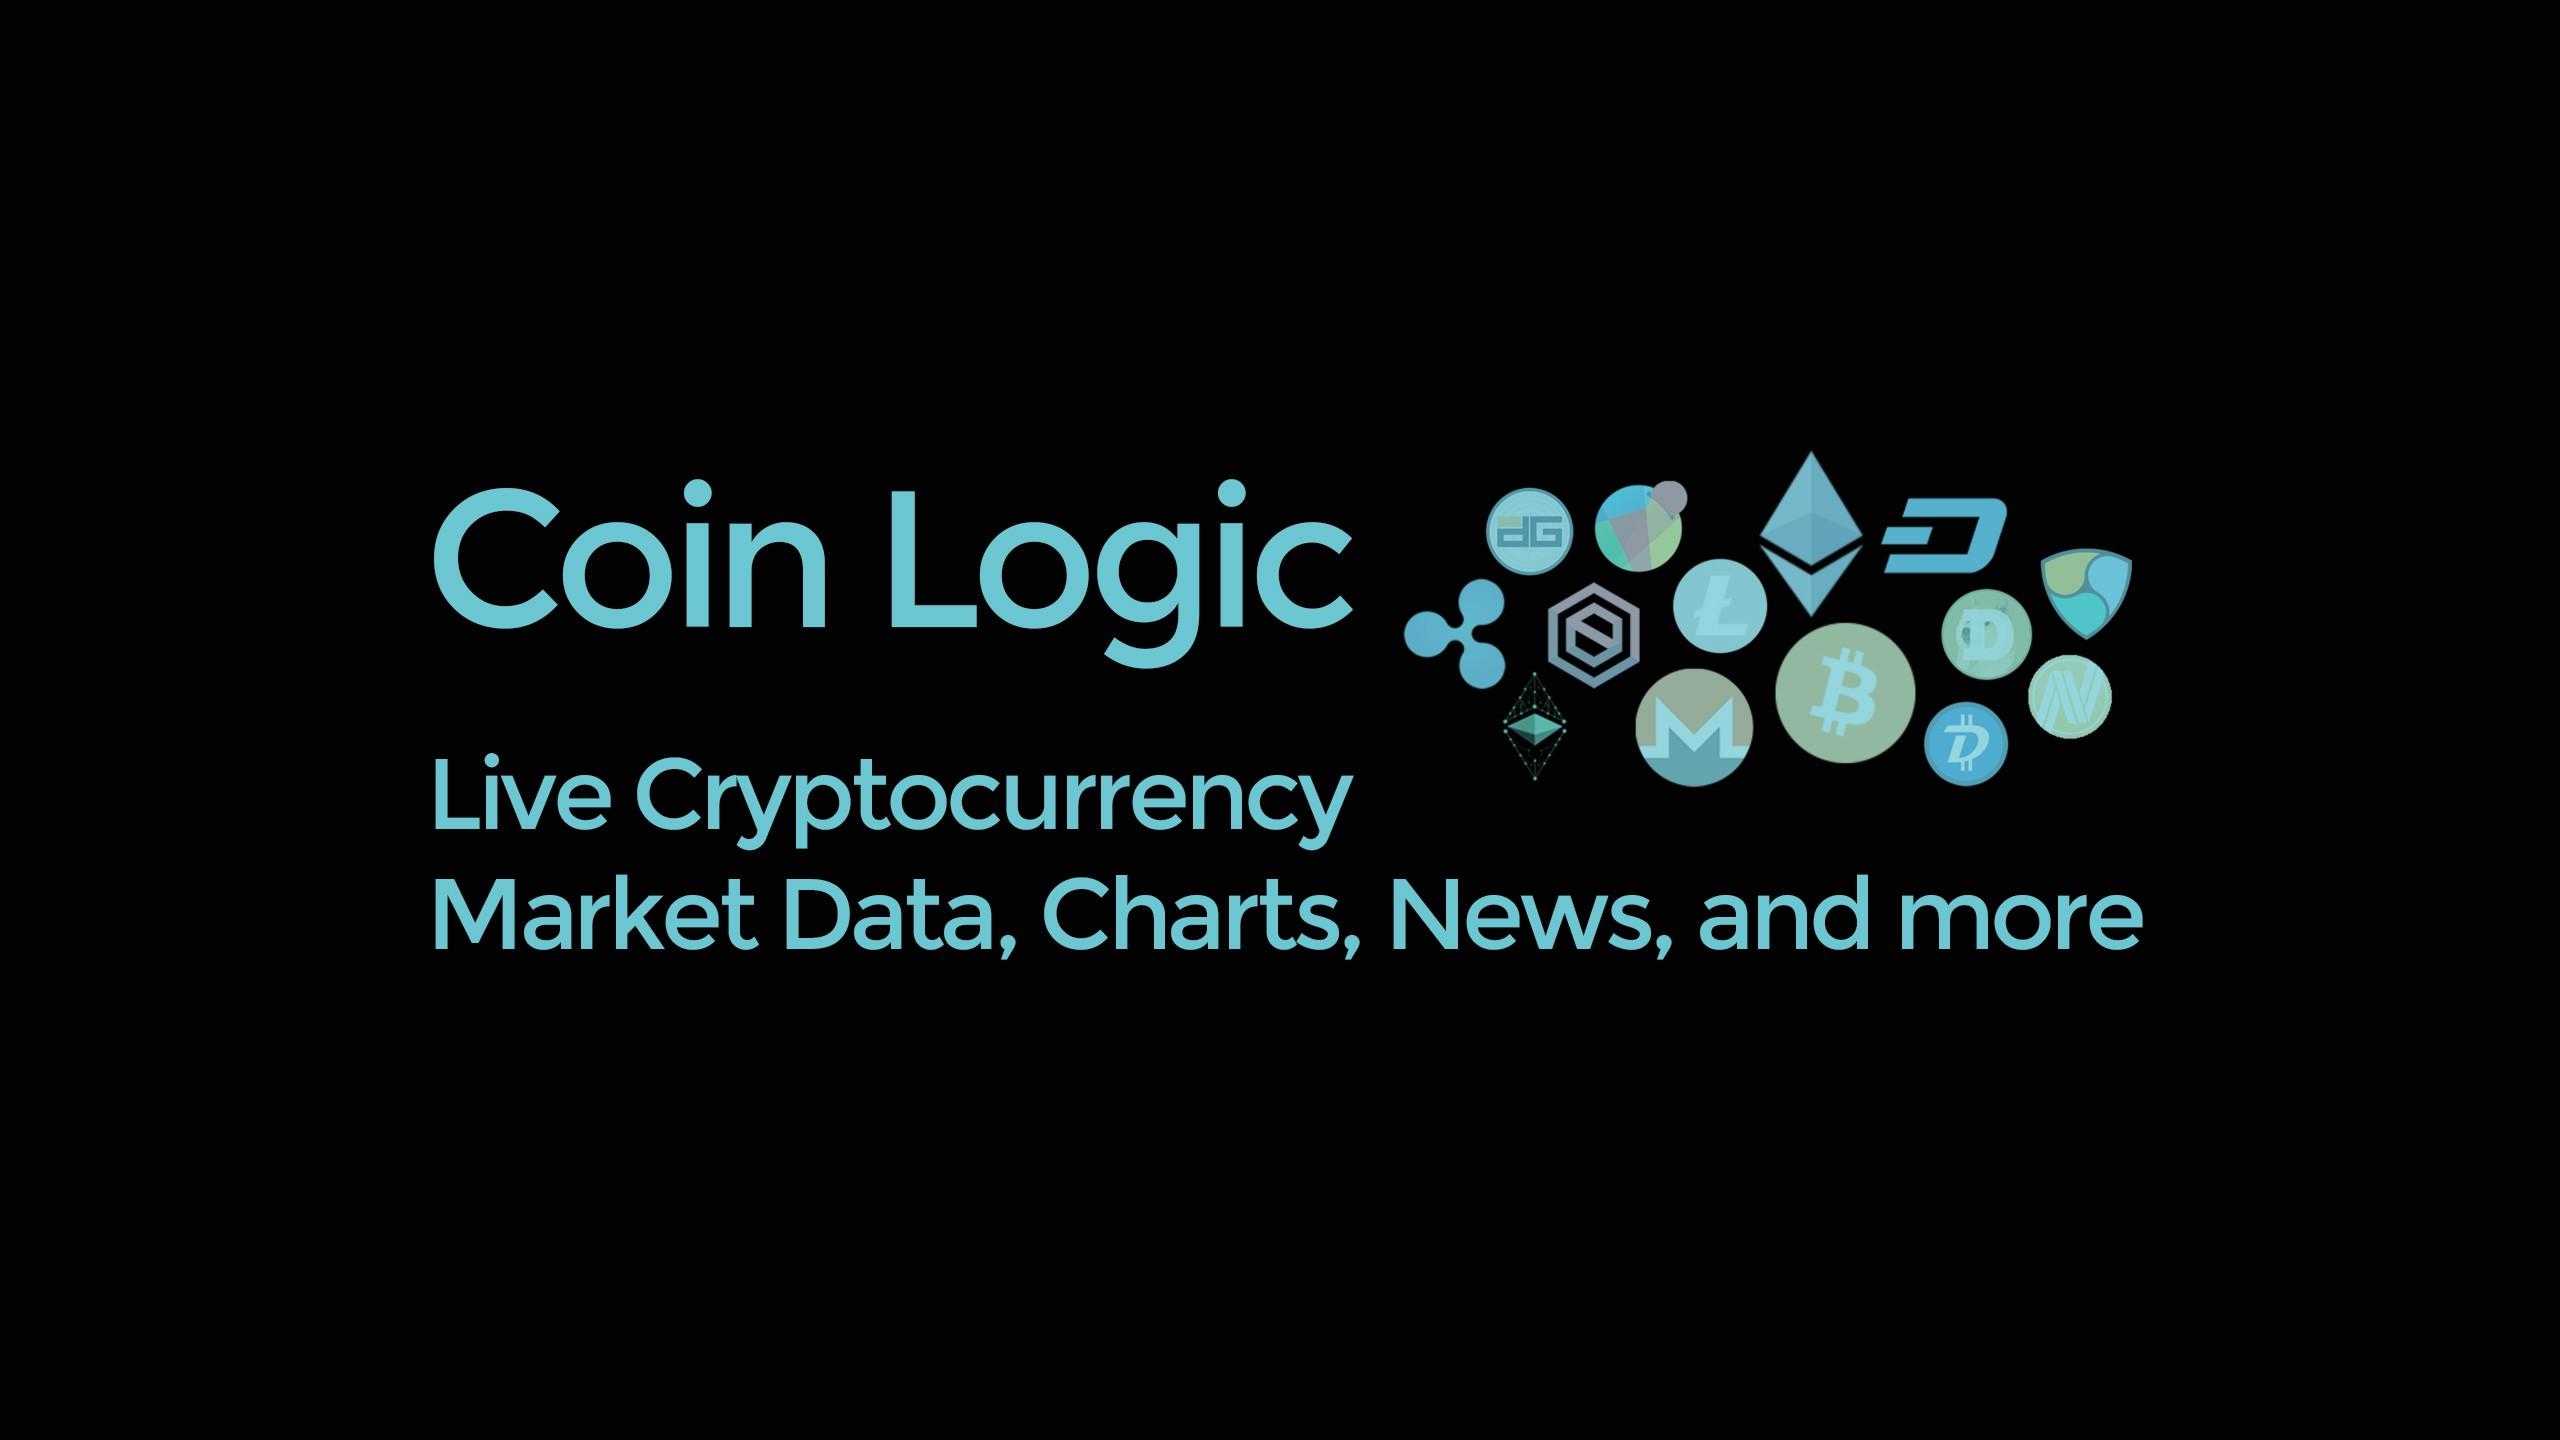 Coin Logic